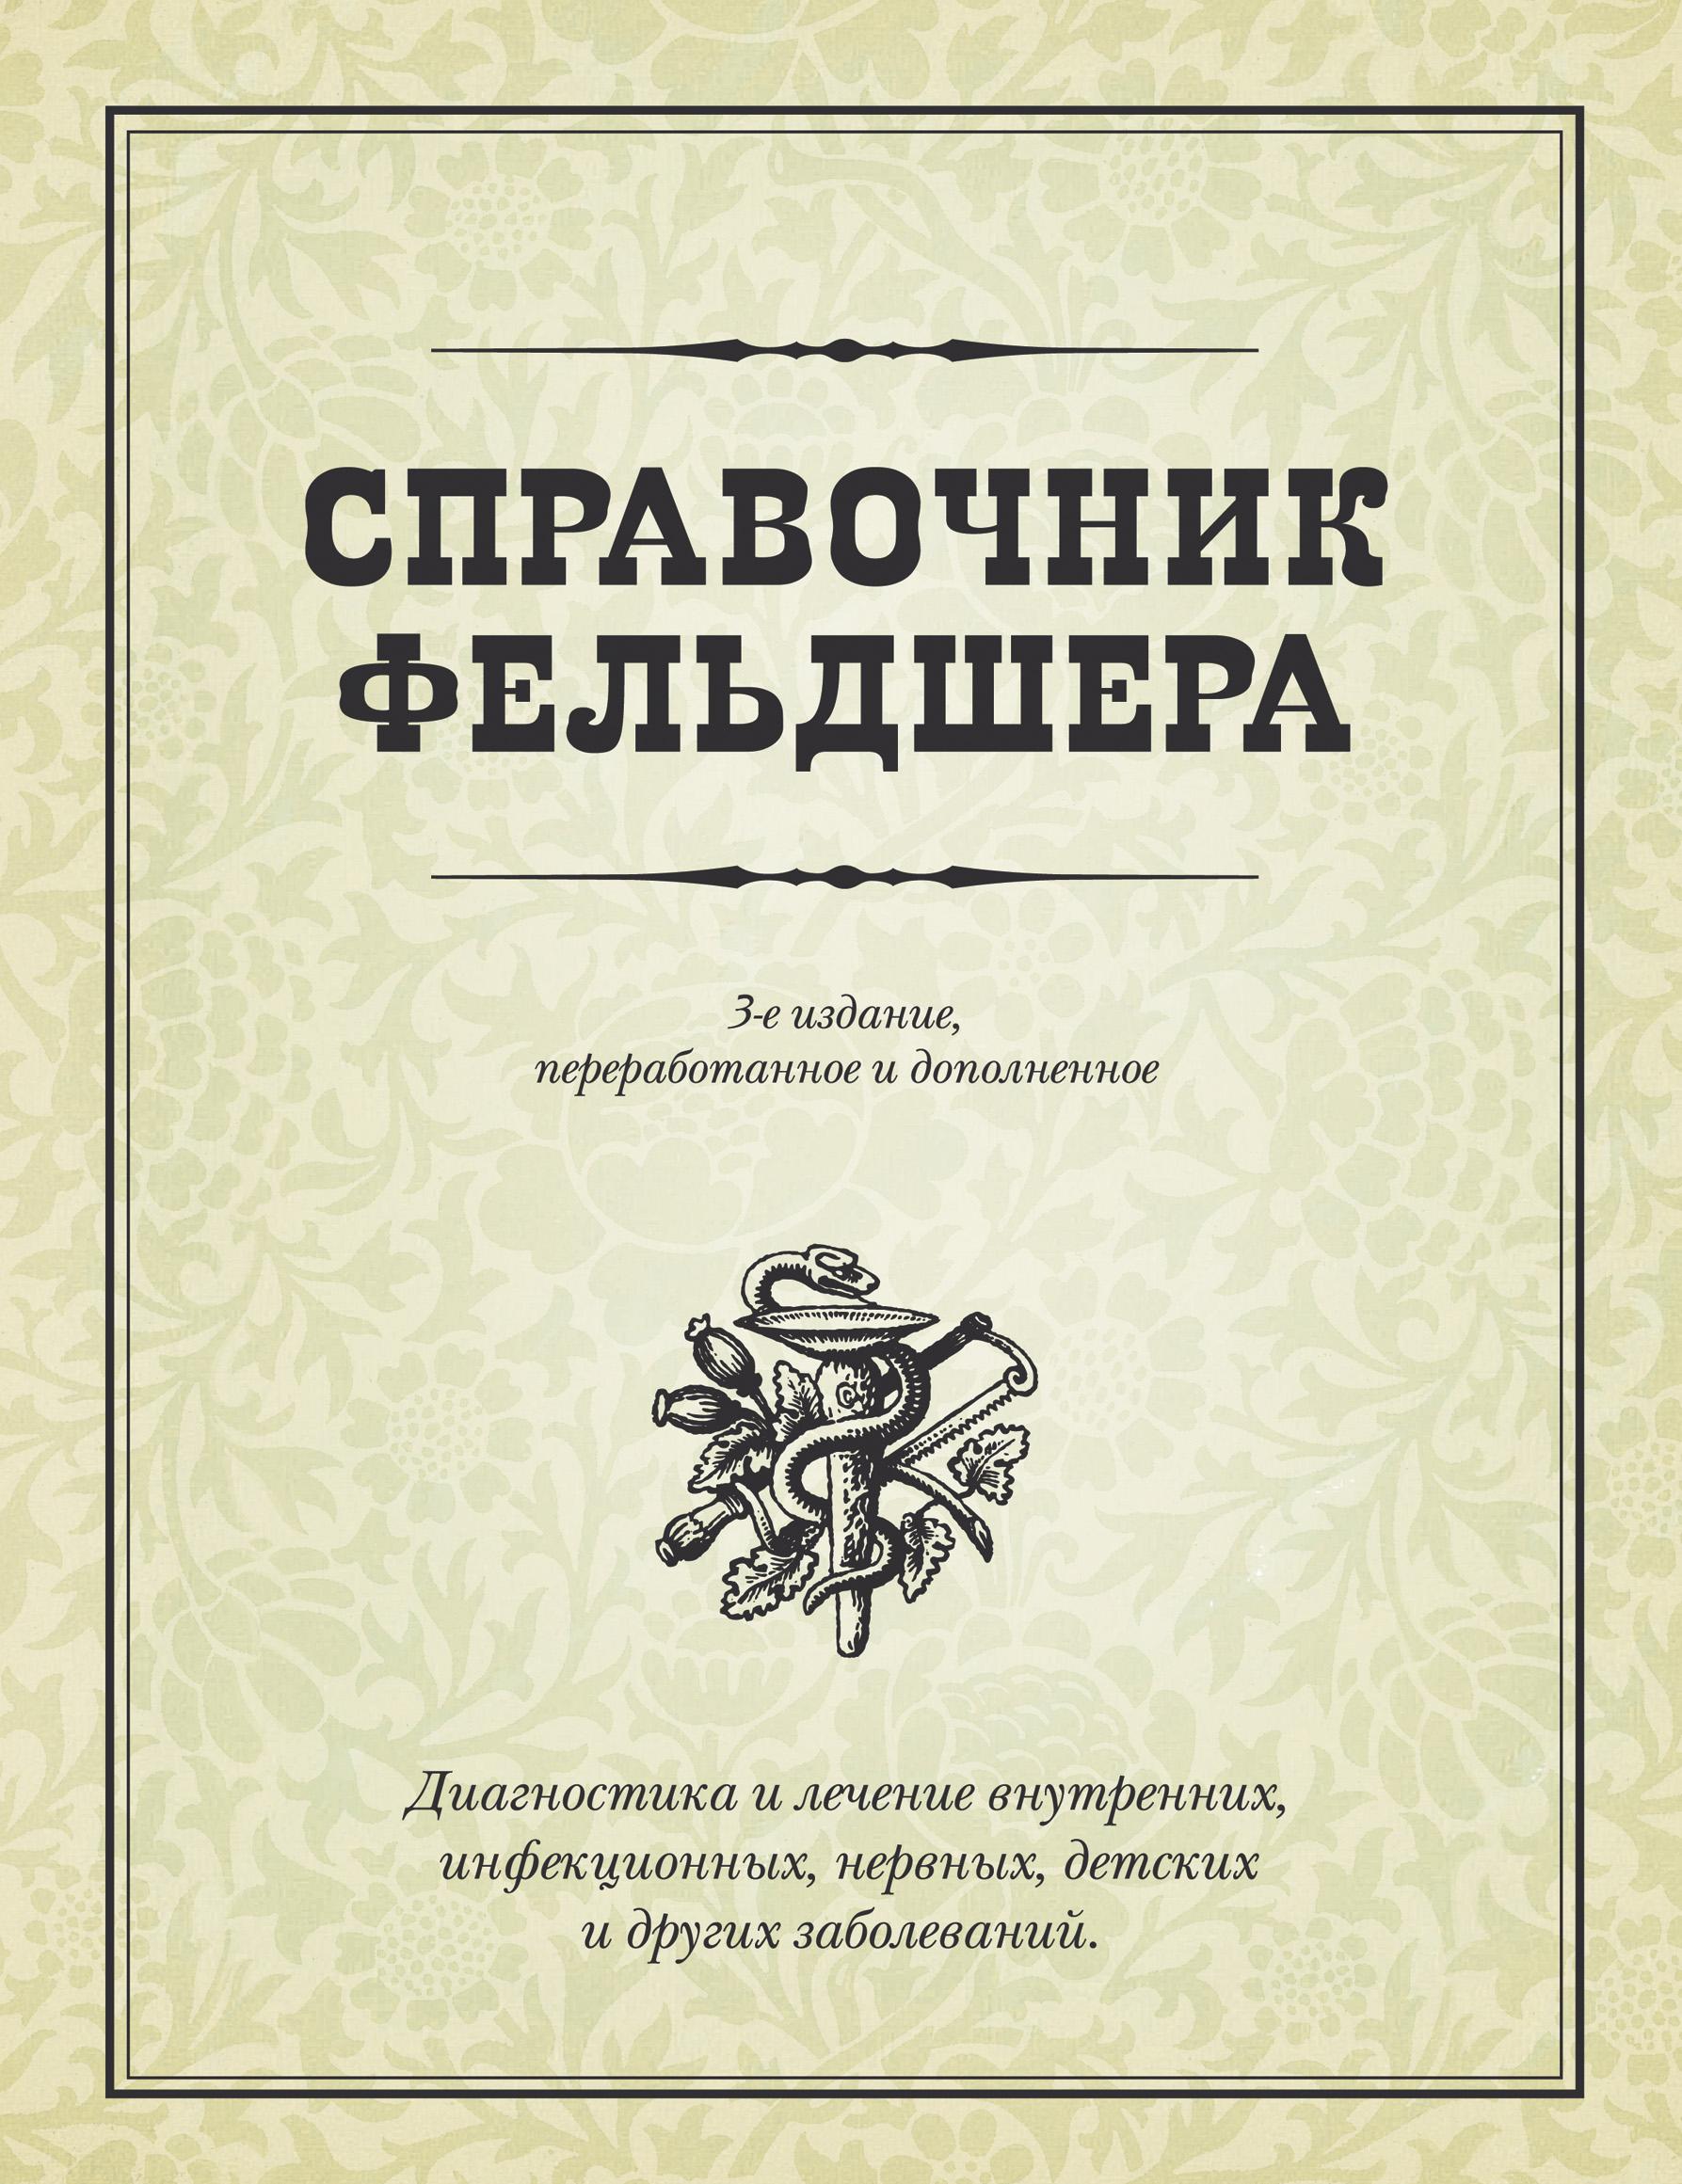 журнал справочник фельдшера и акушерки